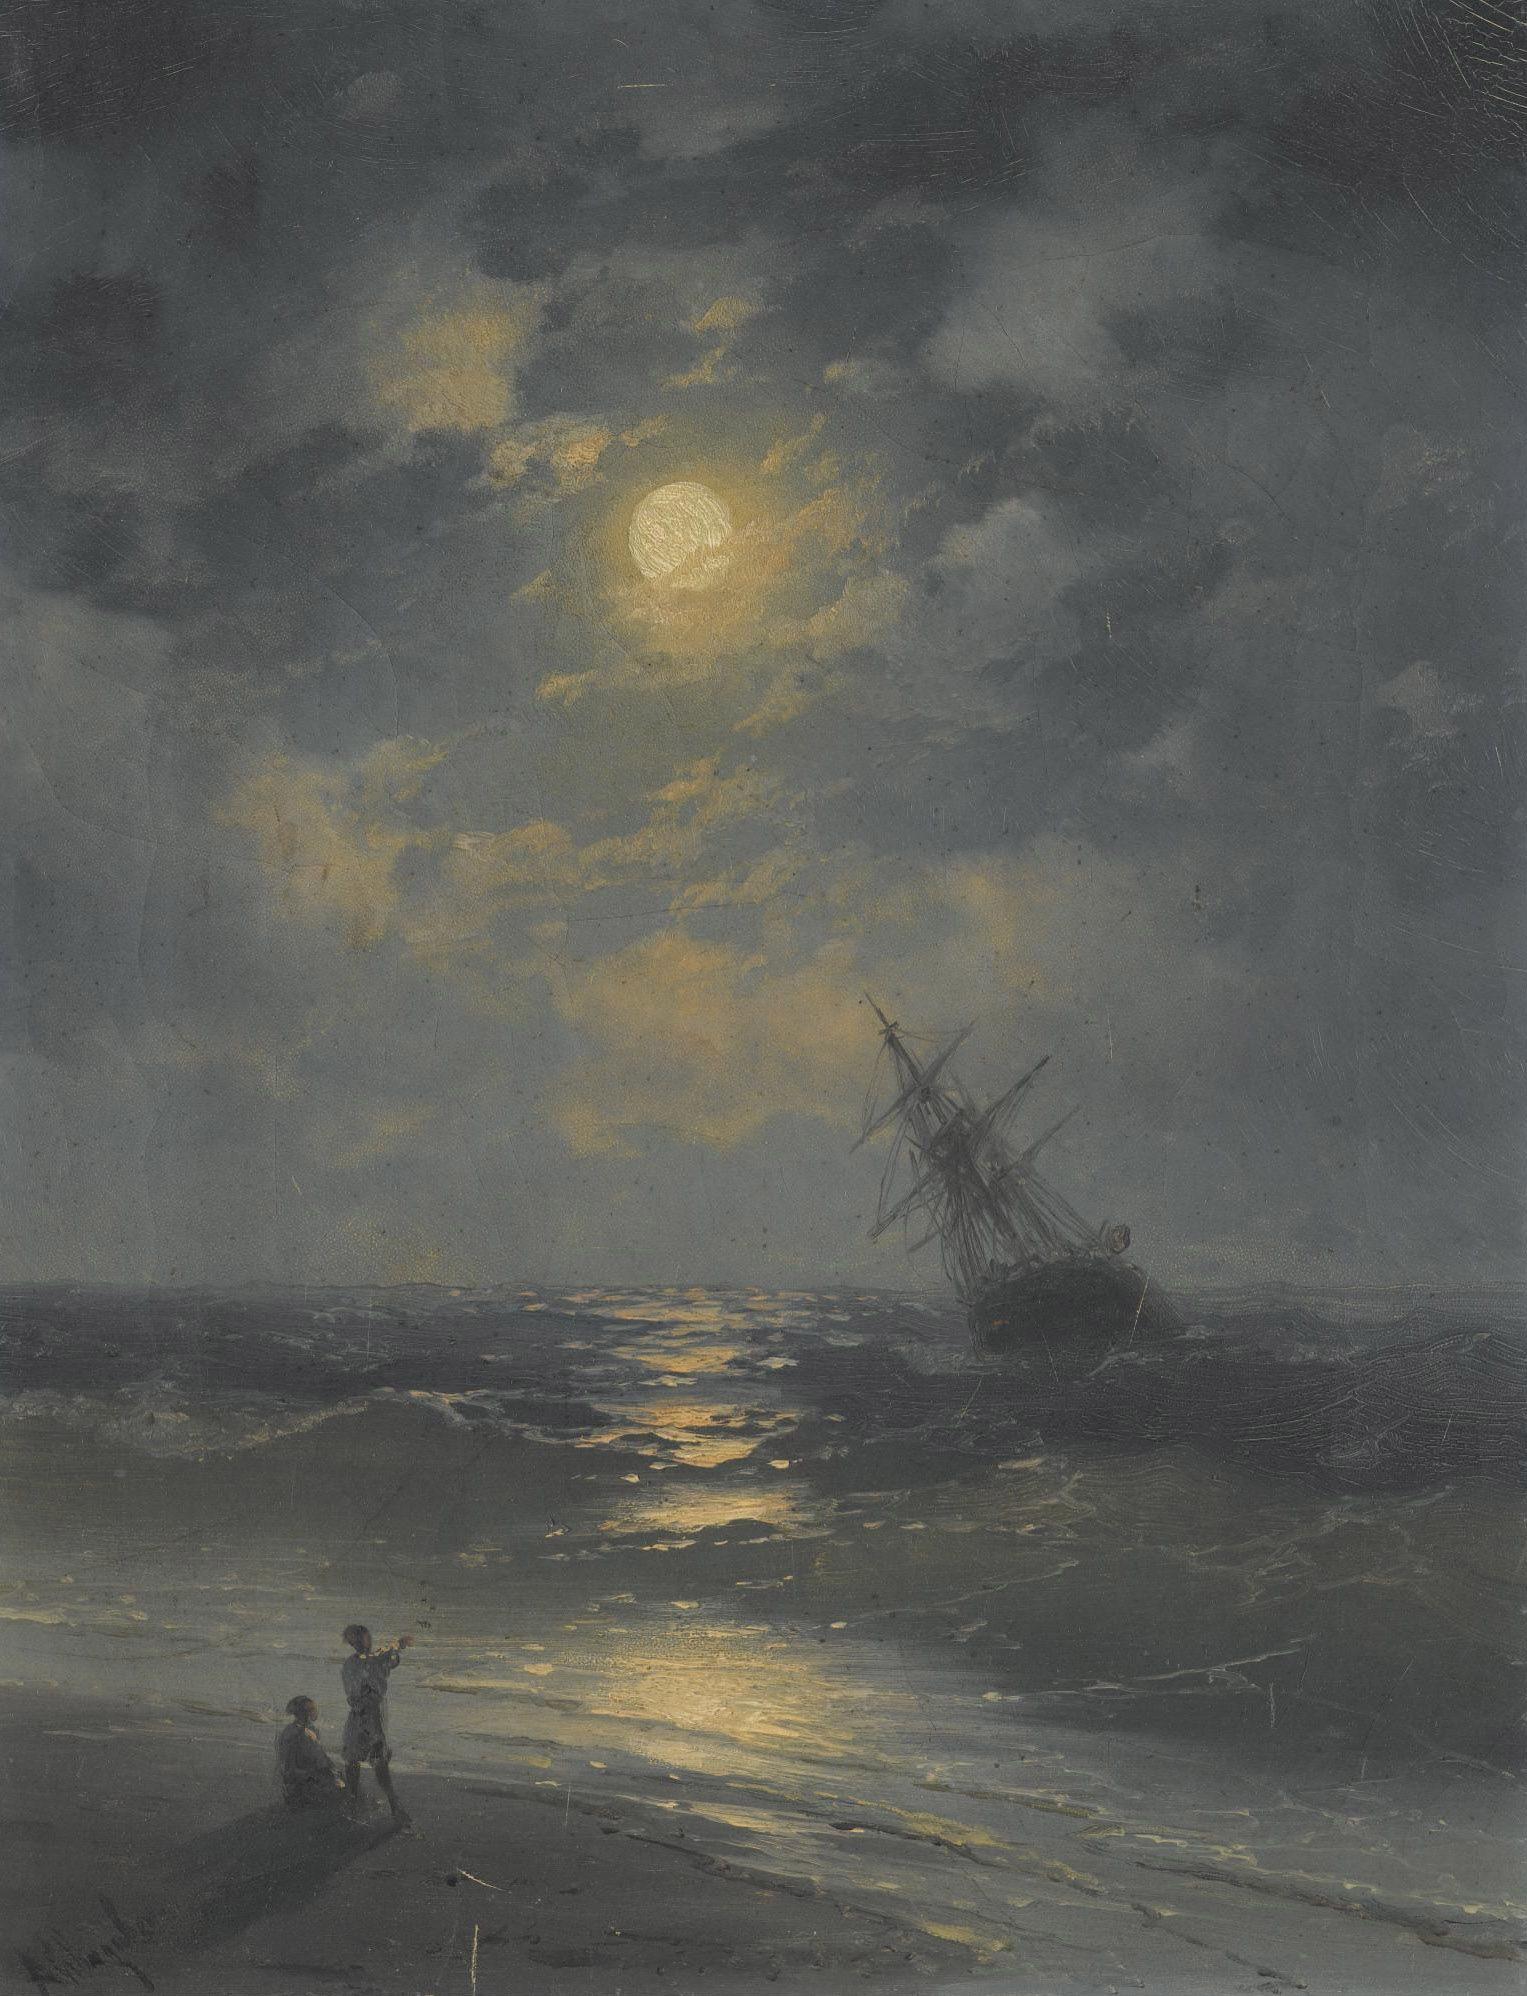 фотостудия, картина айвазовского море в лунном свете картинки наличие входило